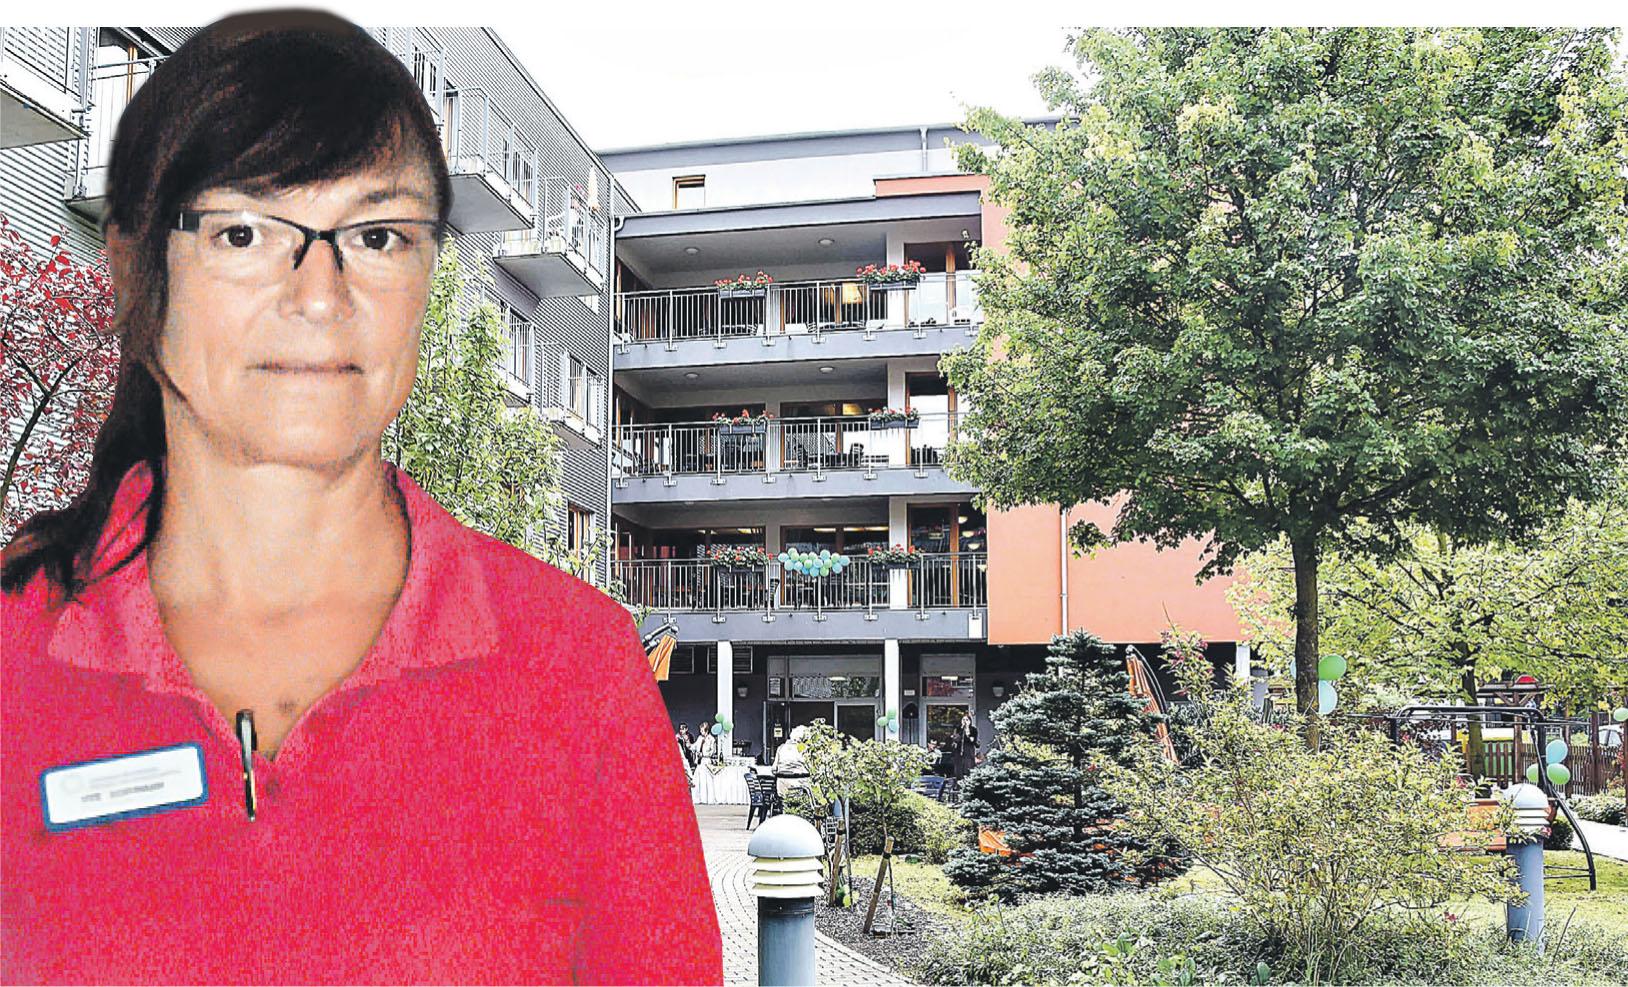 """Uta Schumann arbeitet als Pflegekraft im Senioren-Wohnpark Dresden """"Am Großen Garten"""". Den Einstellungsprozess und den Start am neuen Arbeitsplatz hat sie als äußerst professionell und angenehm empfunden"""